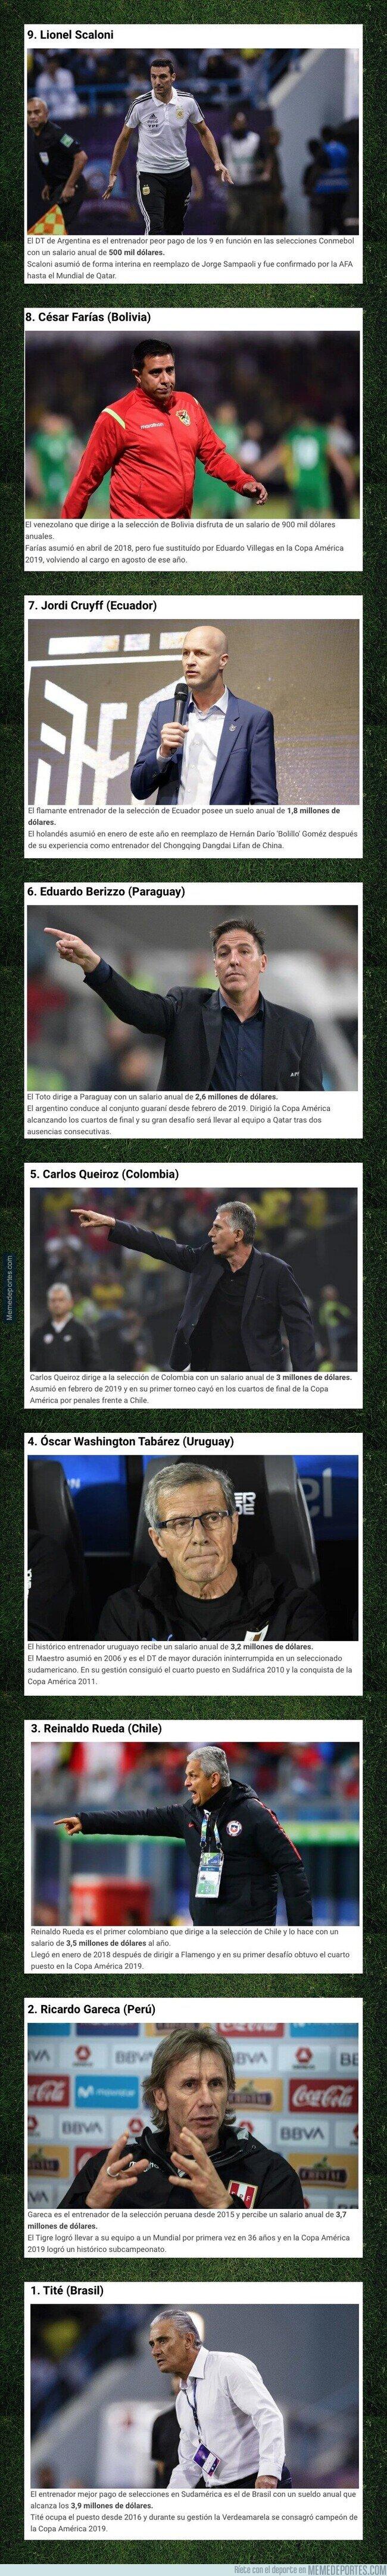 1097709 - Este es el pastizal que cobran los entrenadores de cada selección sudamericana